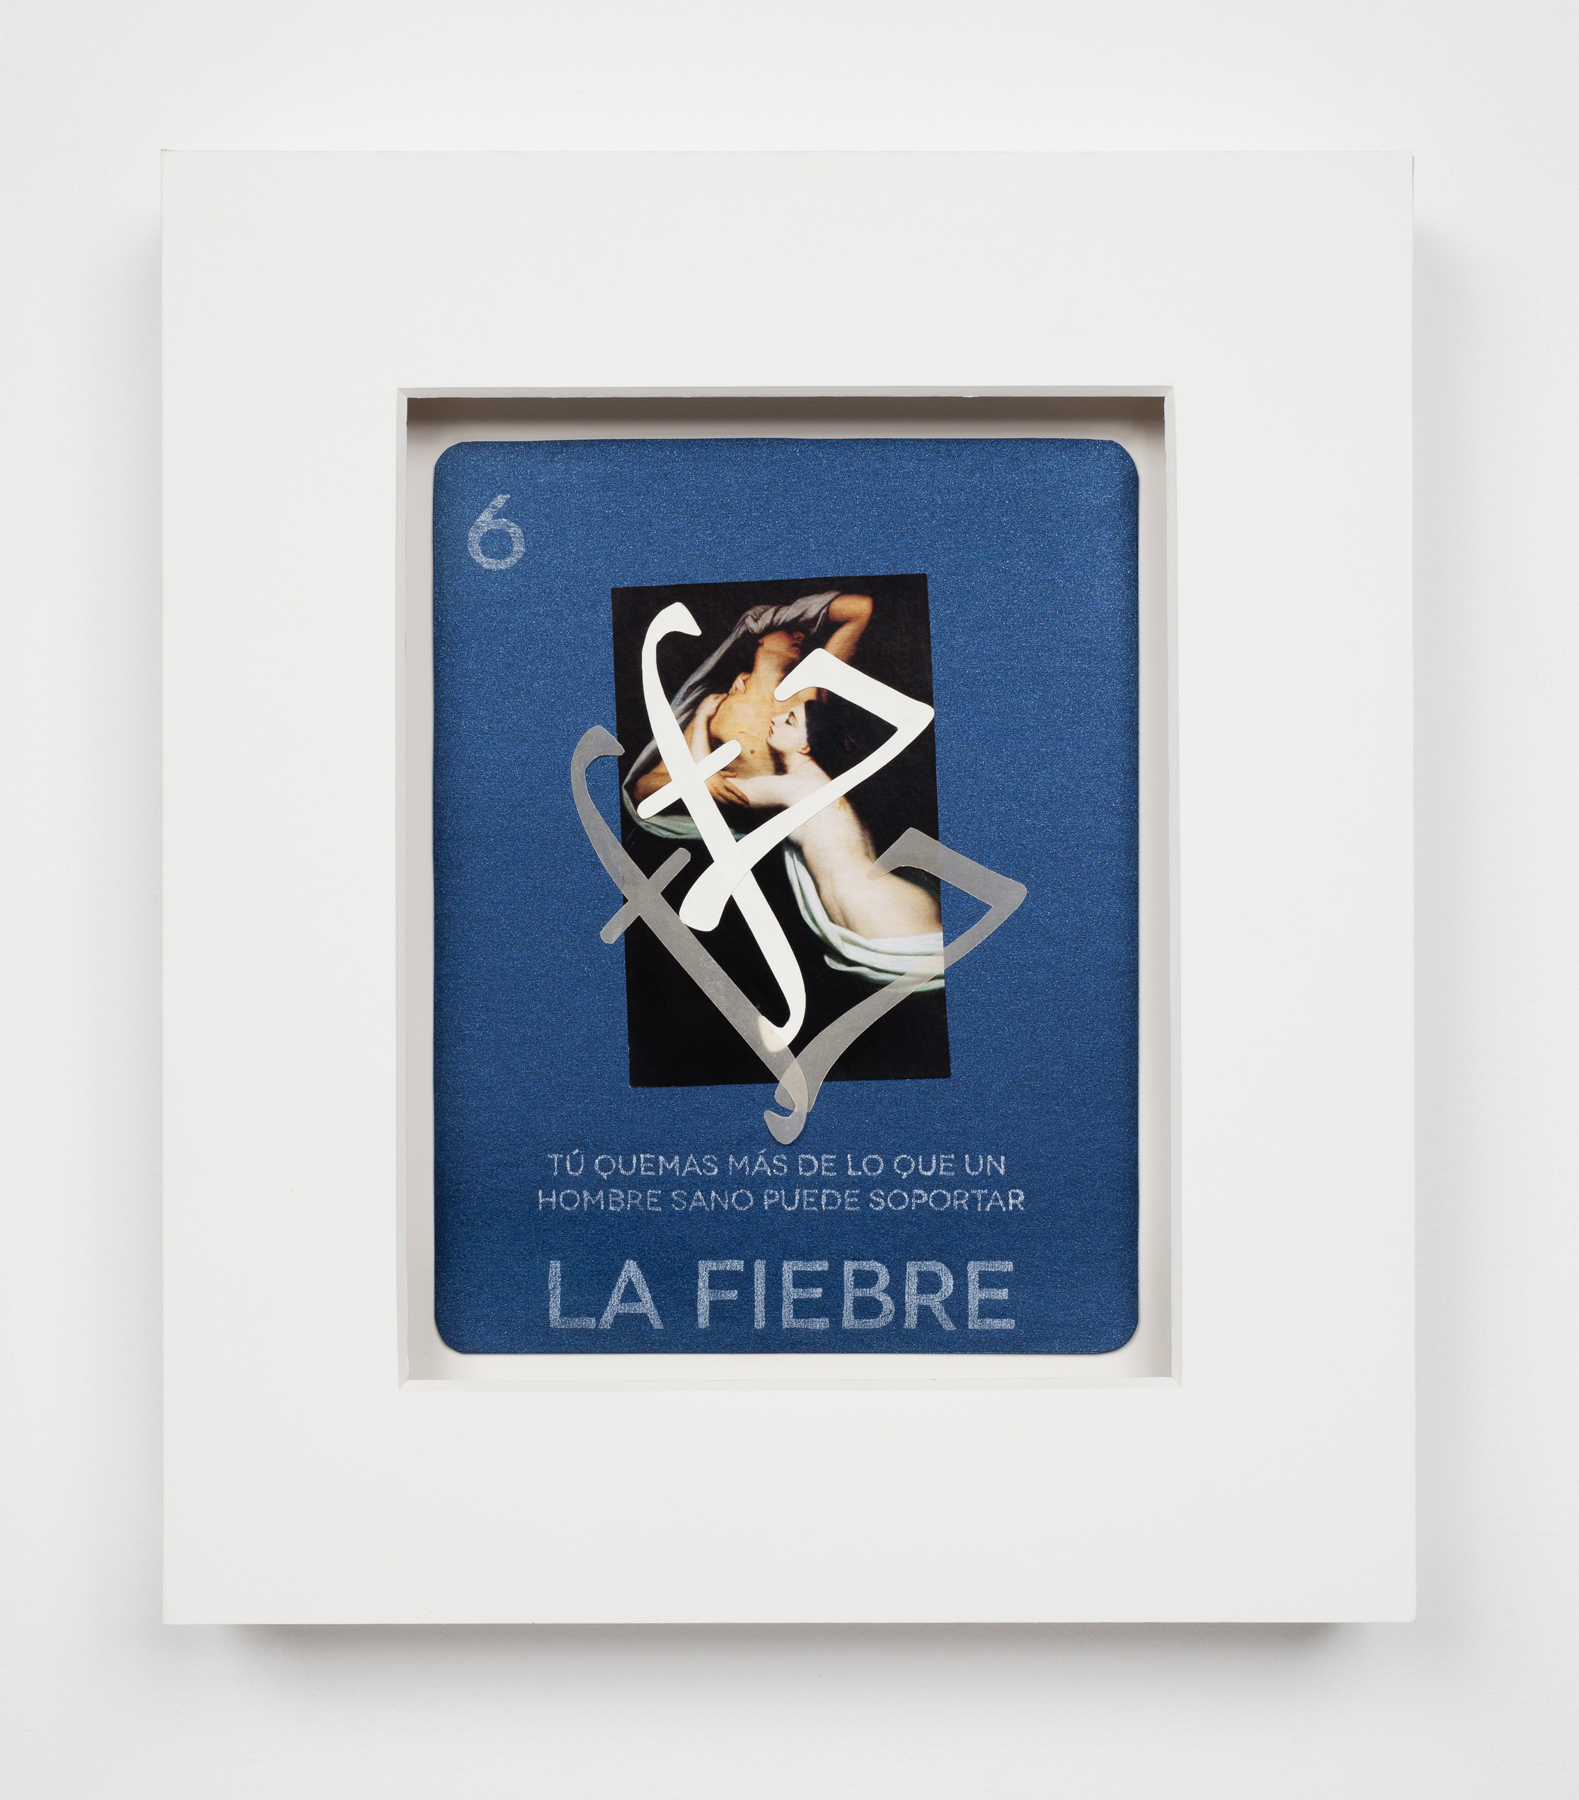 6 La Fiebre (The Fever)